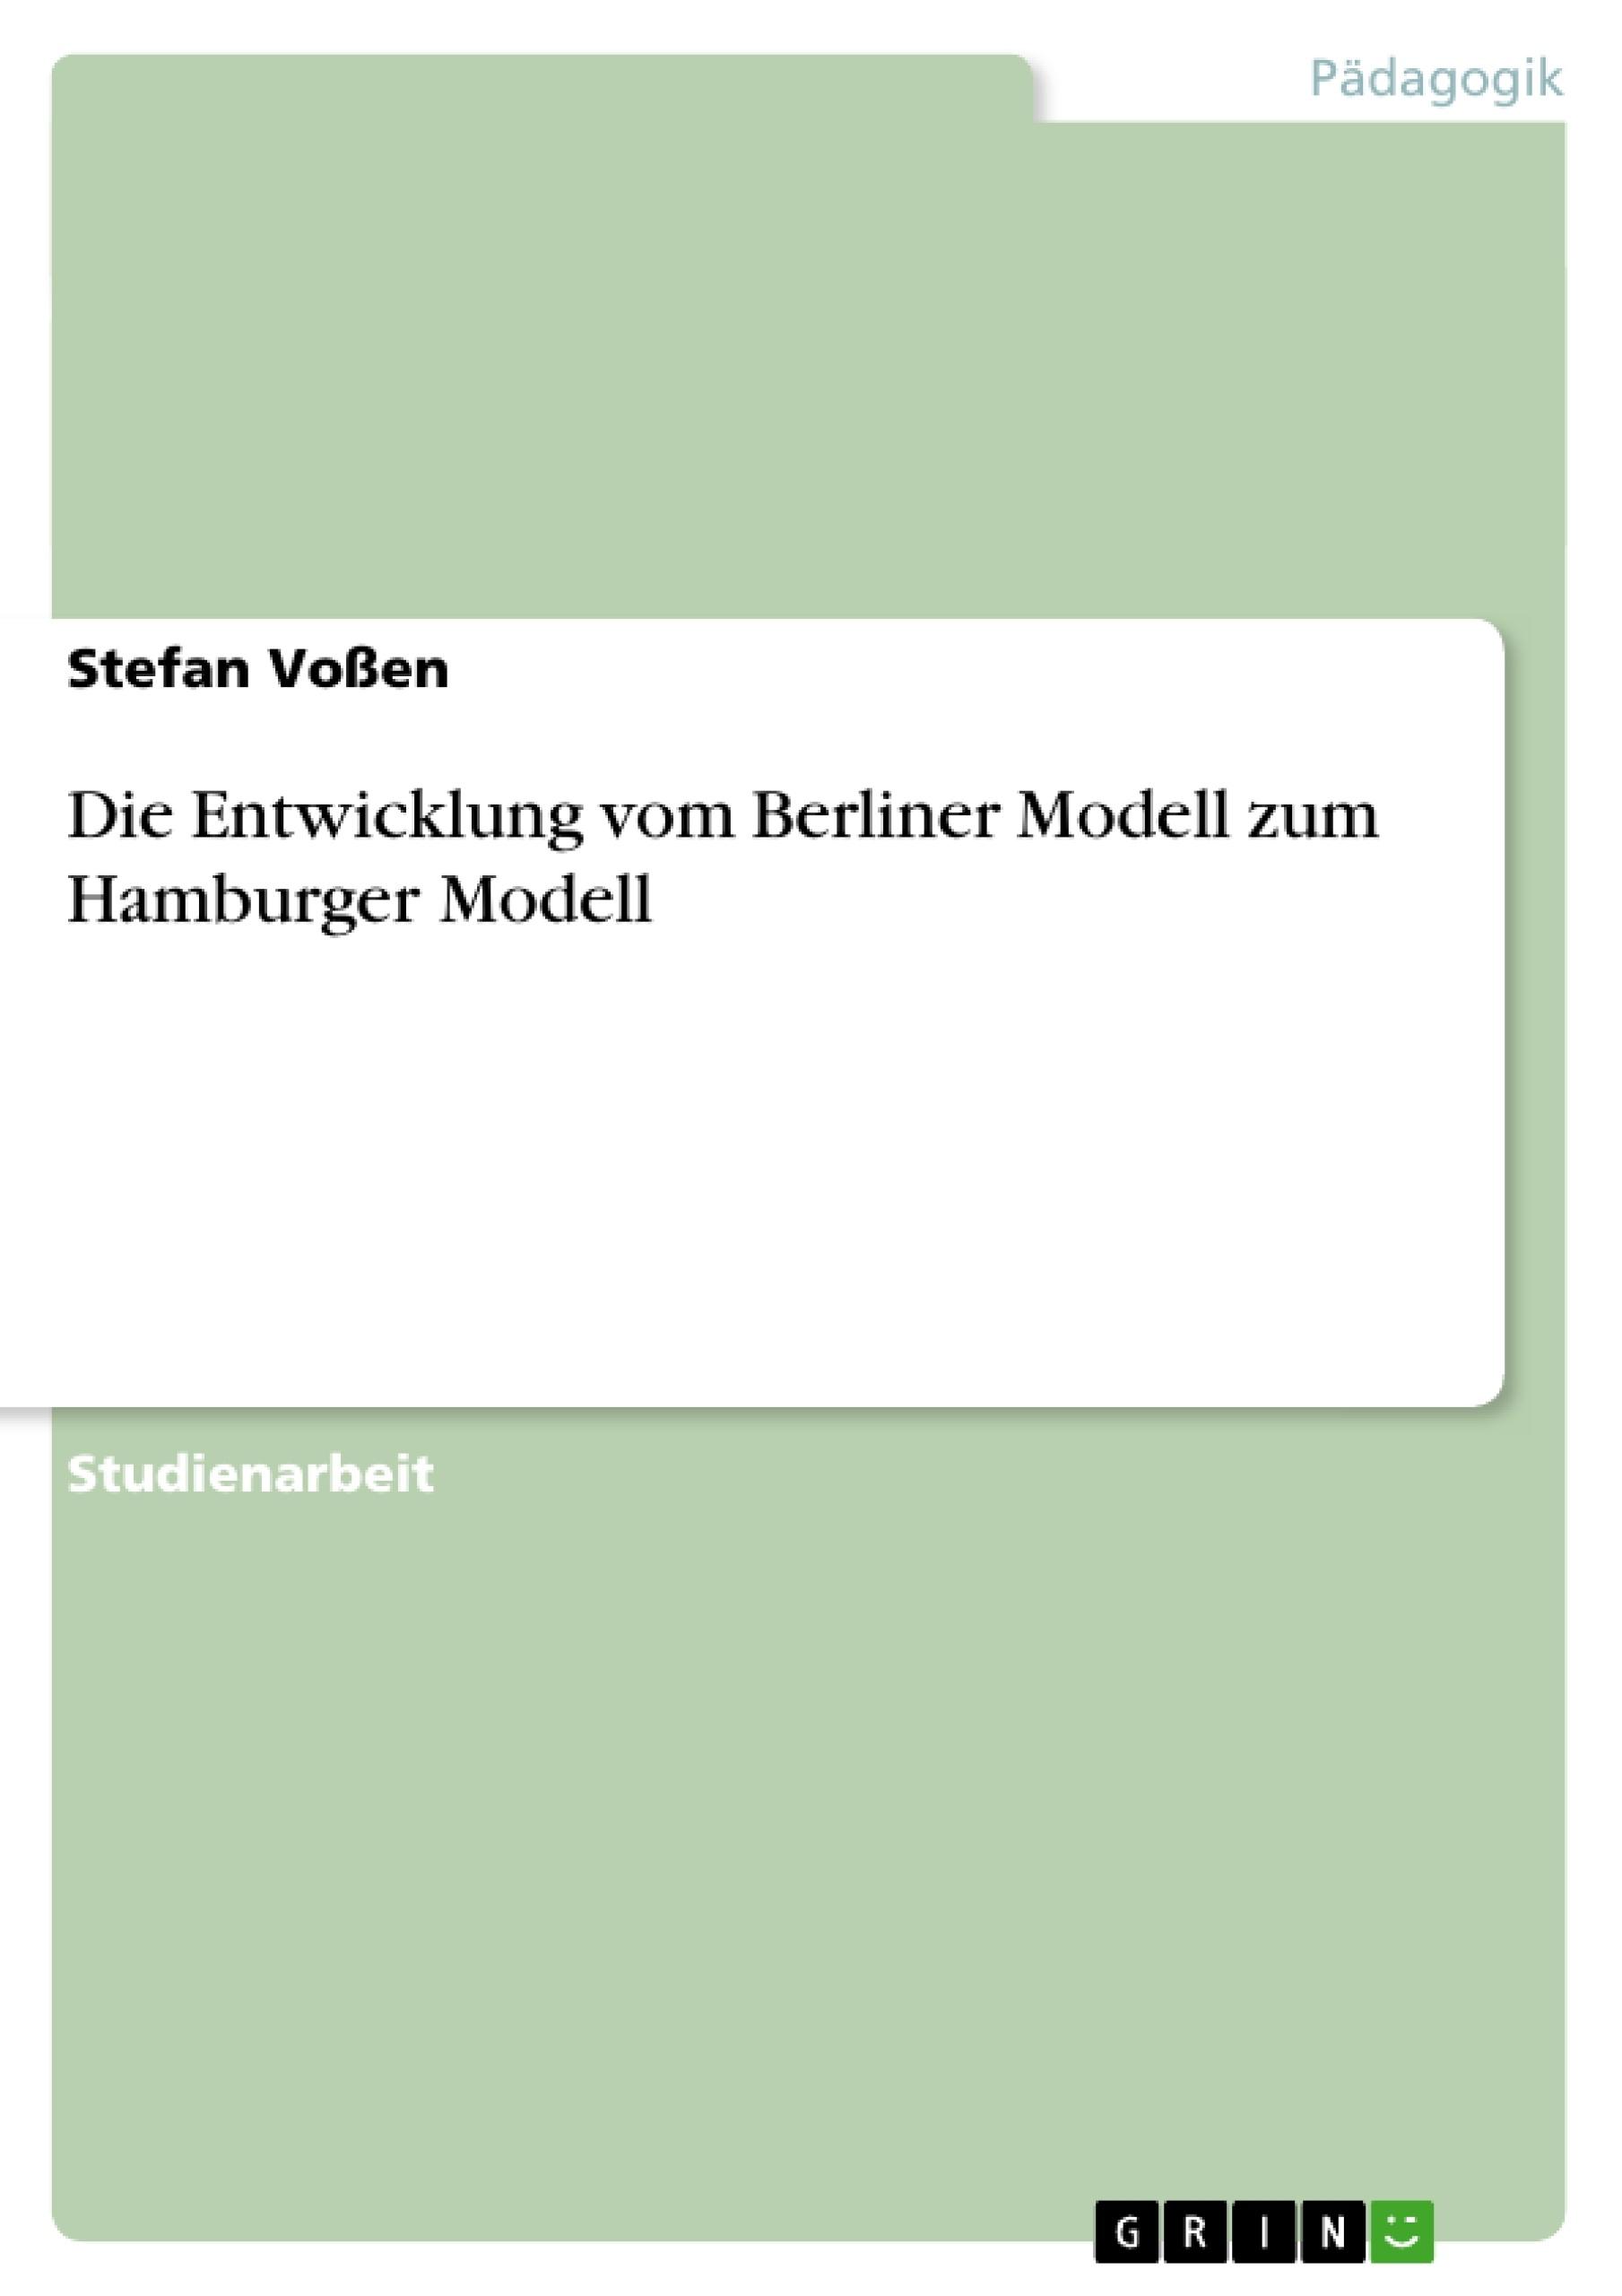 Titel: Die Entwicklung vom Berliner Modell zum Hamburger Modell